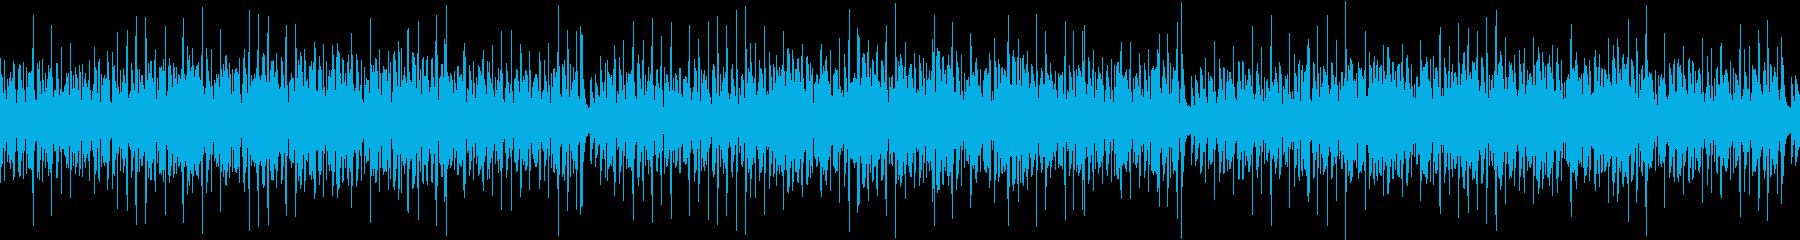 ウクレレと鉄琴のコミカルな BGMの再生済みの波形